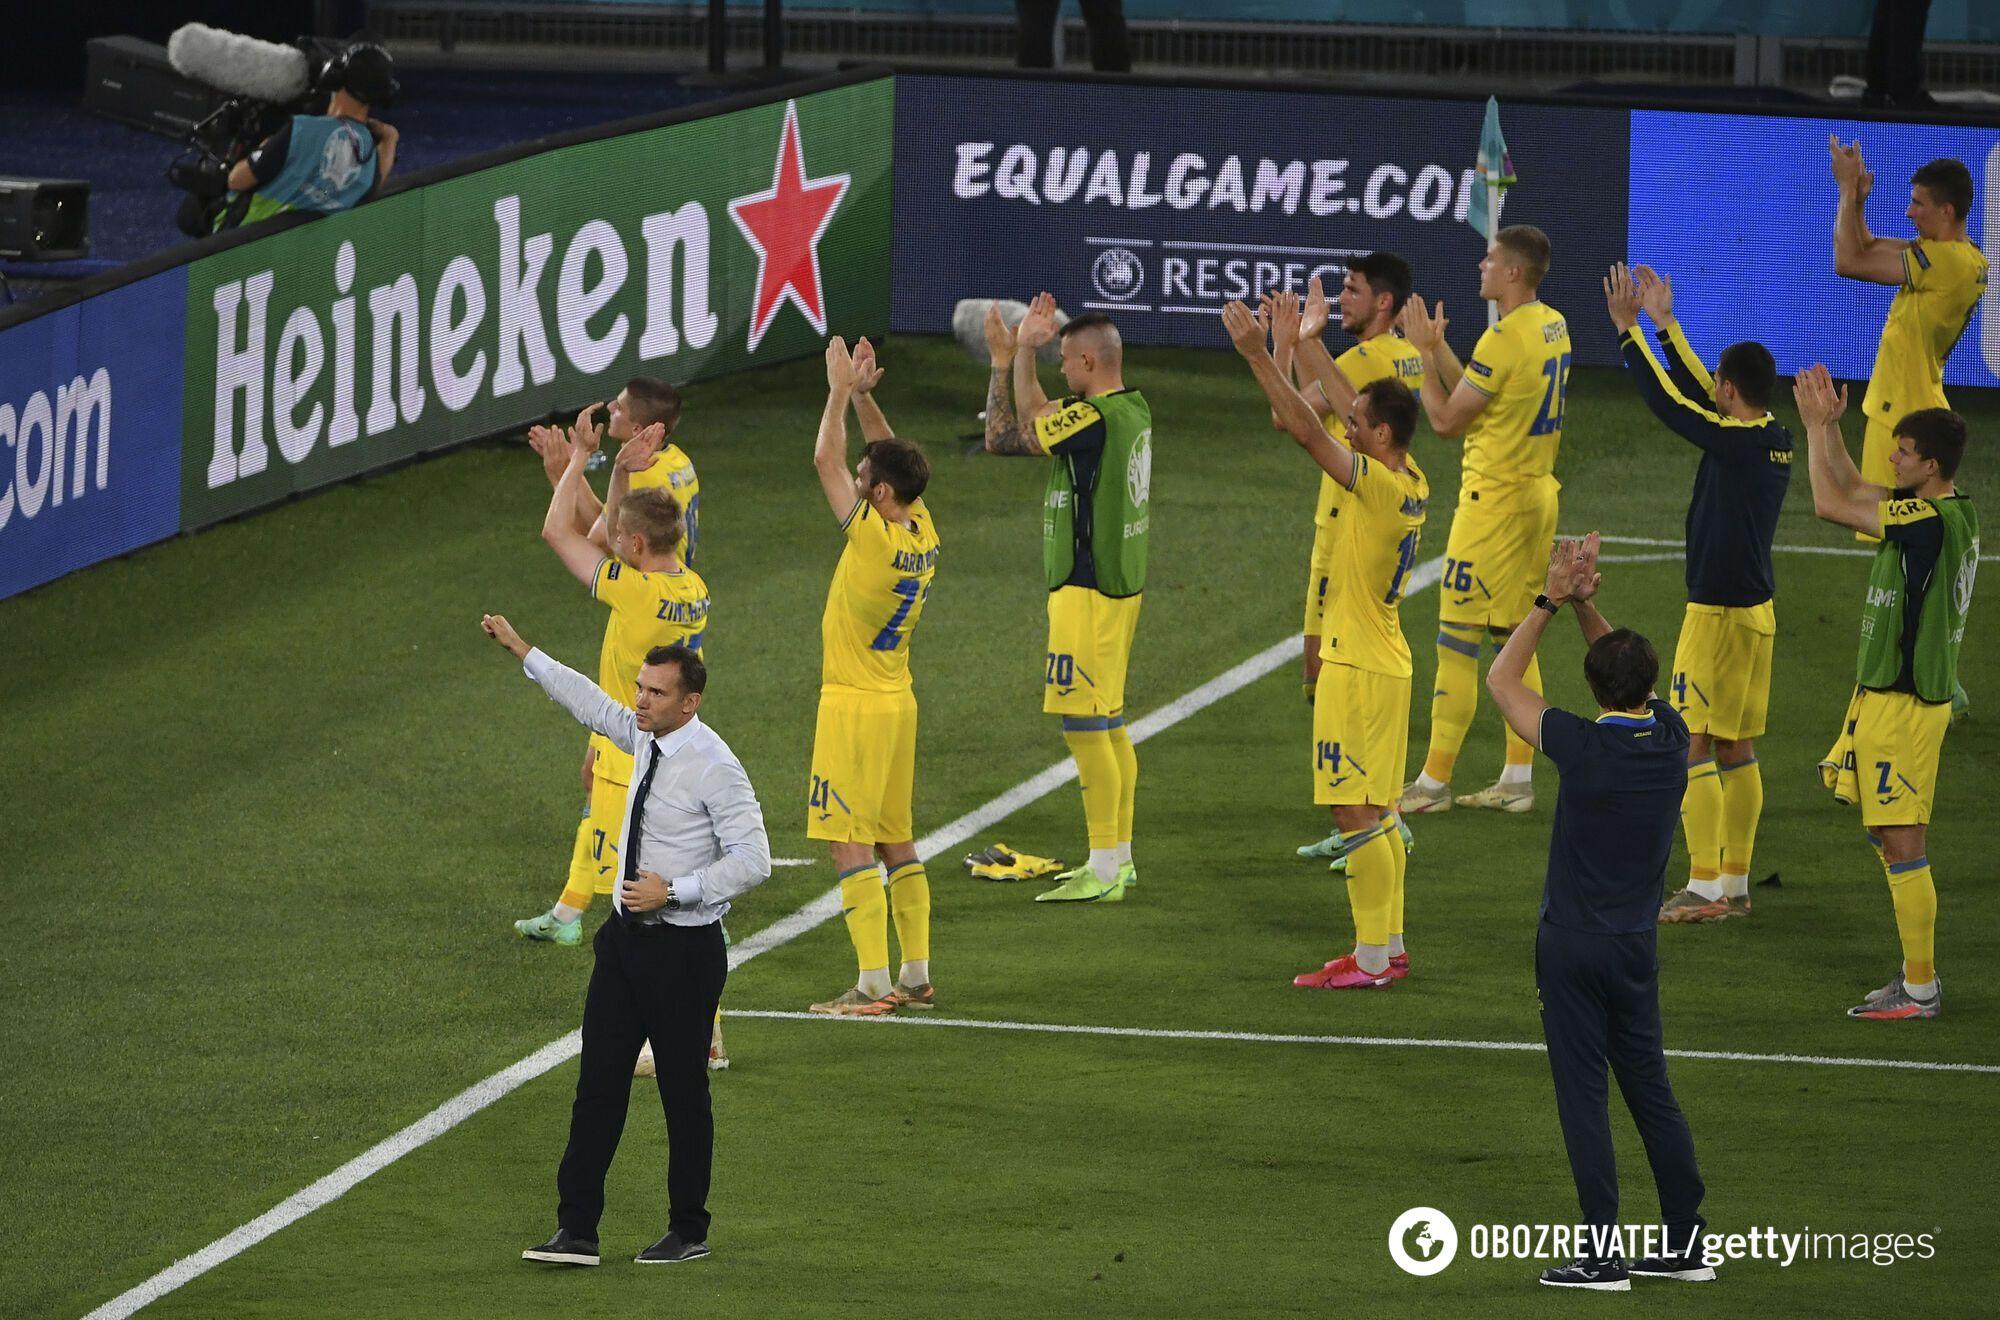 Збірна України подякувала вболівальникам після матчу з Англією.